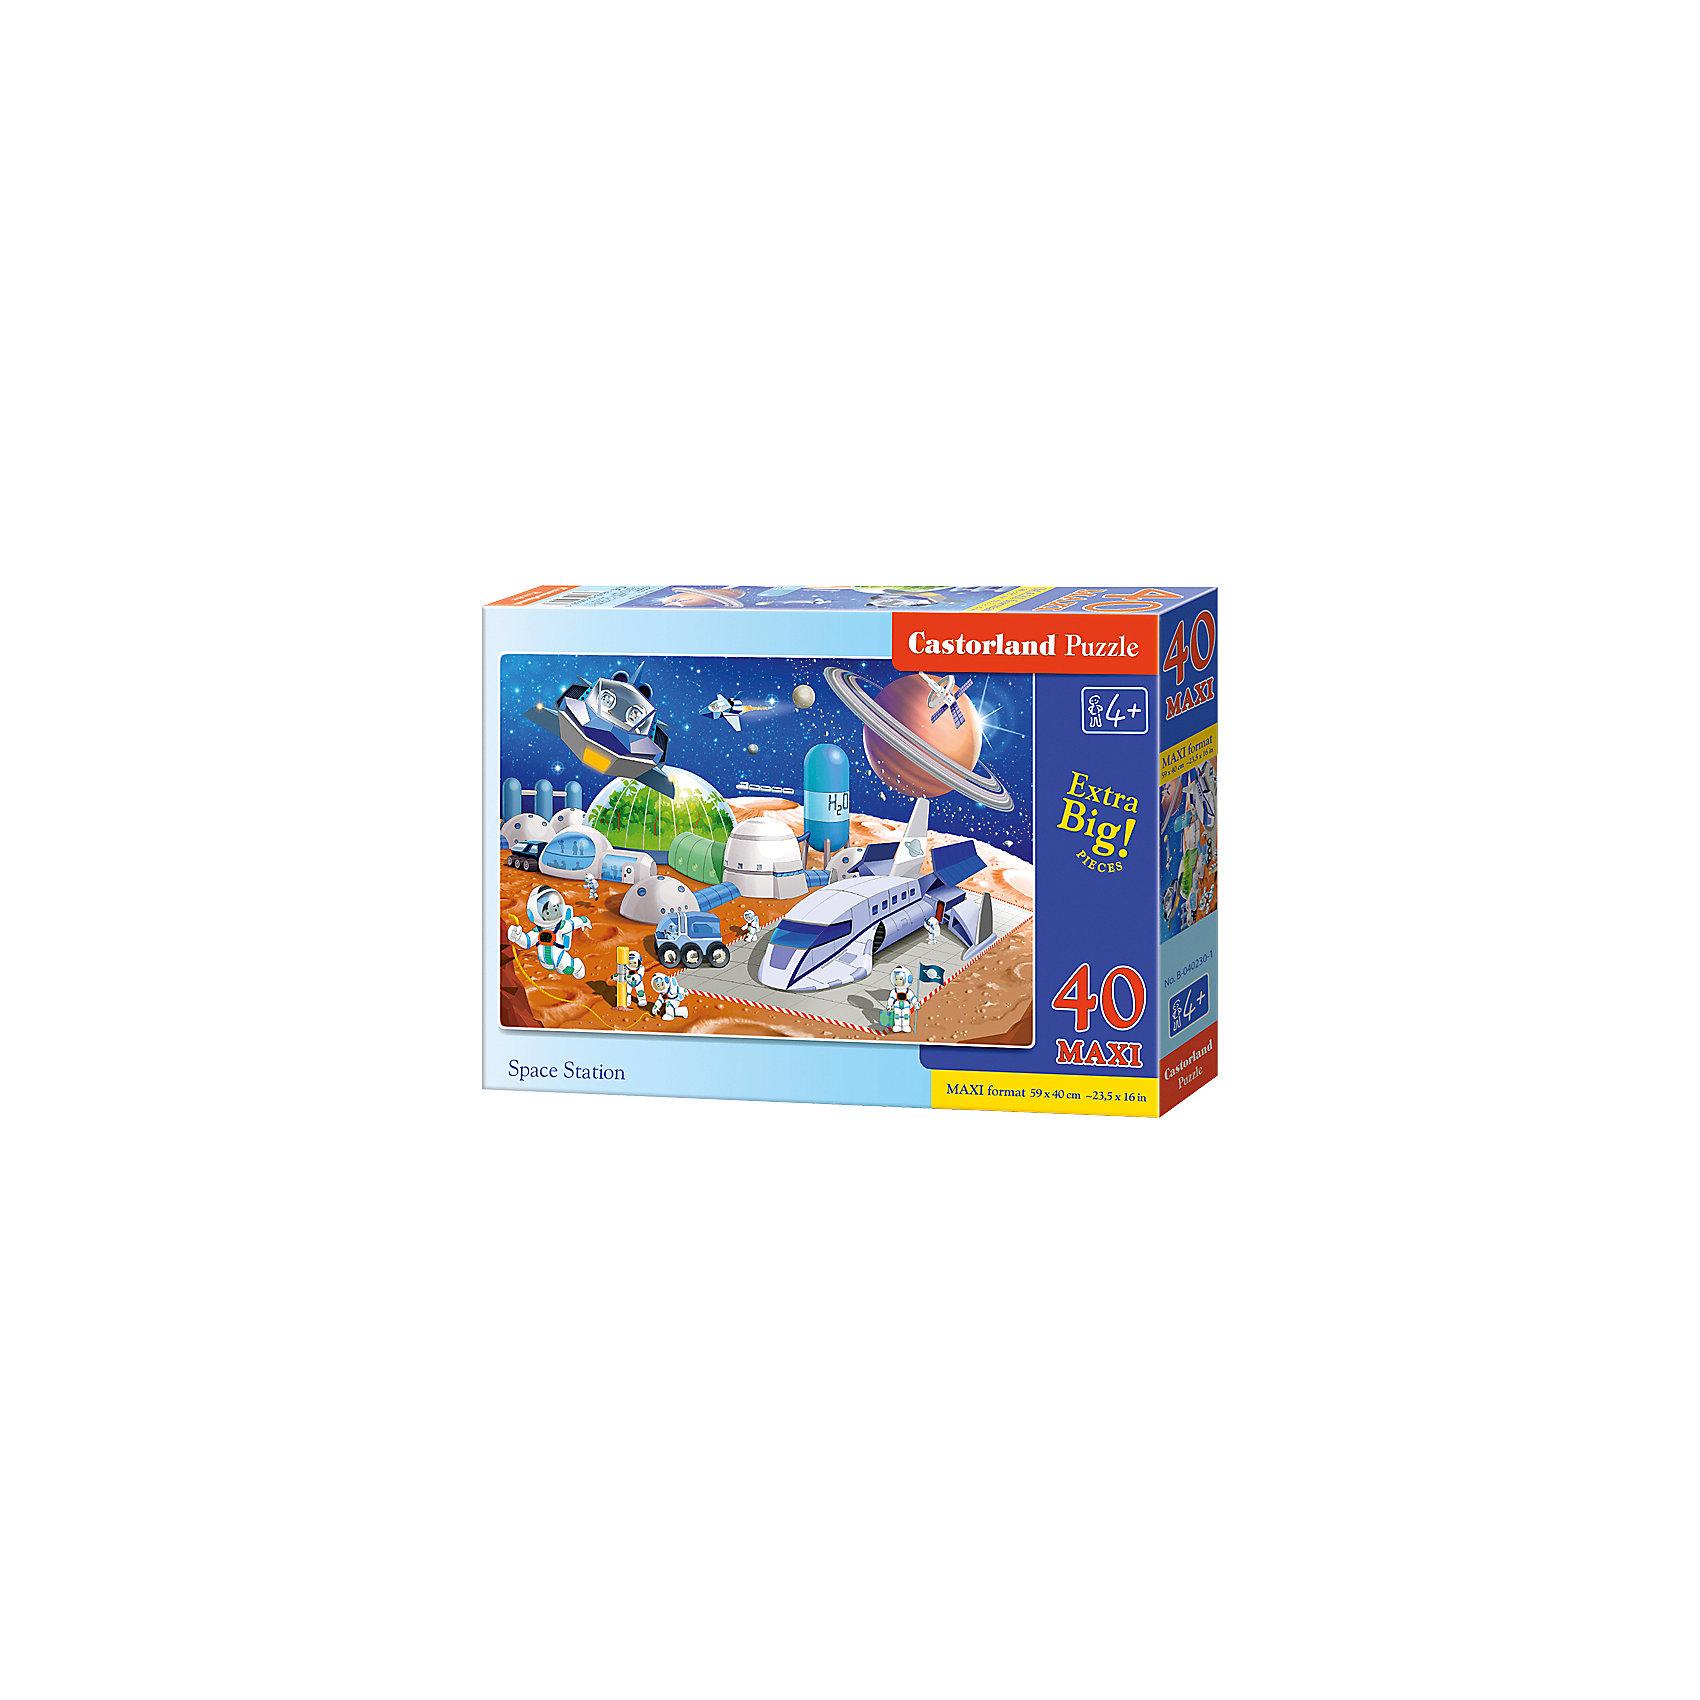 Макси-пазл Castorland Космическая станция, 40 деталейПазлы для малышей<br>Характеристики:<br><br>• возраст: от 4 лет<br>• количество деталей: 40 деталей MAXI<br>• размер собранного пазла: 59х40 см.<br>• материал: картон<br>• упаковка: картонная коробка<br>• размер упаковки: 32x4,7x22 см.<br>• вес: 400 гр.<br>• страна обладатель бренда: Польша<br><br>Пазл «Космическая станция» от Castorland (Касторленд) отличается хорошим качеством, высоким уровнем полиграфии, насыщенными цветами и идеальной стыковкой элементов. Из 40 больших элементов пазла ребенок соберет красочную картинку с изображением космической станции.<br><br>Пазл Космическая станция, 40 деталей MAXI, Castorland (Касторленд) можно купить в нашем интернет-магазине.<br><br>Ширина мм: 320<br>Глубина мм: 220<br>Высота мм: 47<br>Вес г: 400<br>Возраст от месяцев: 48<br>Возраст до месяцев: 2147483647<br>Пол: Мужской<br>Возраст: Детский<br>SKU: 6725116